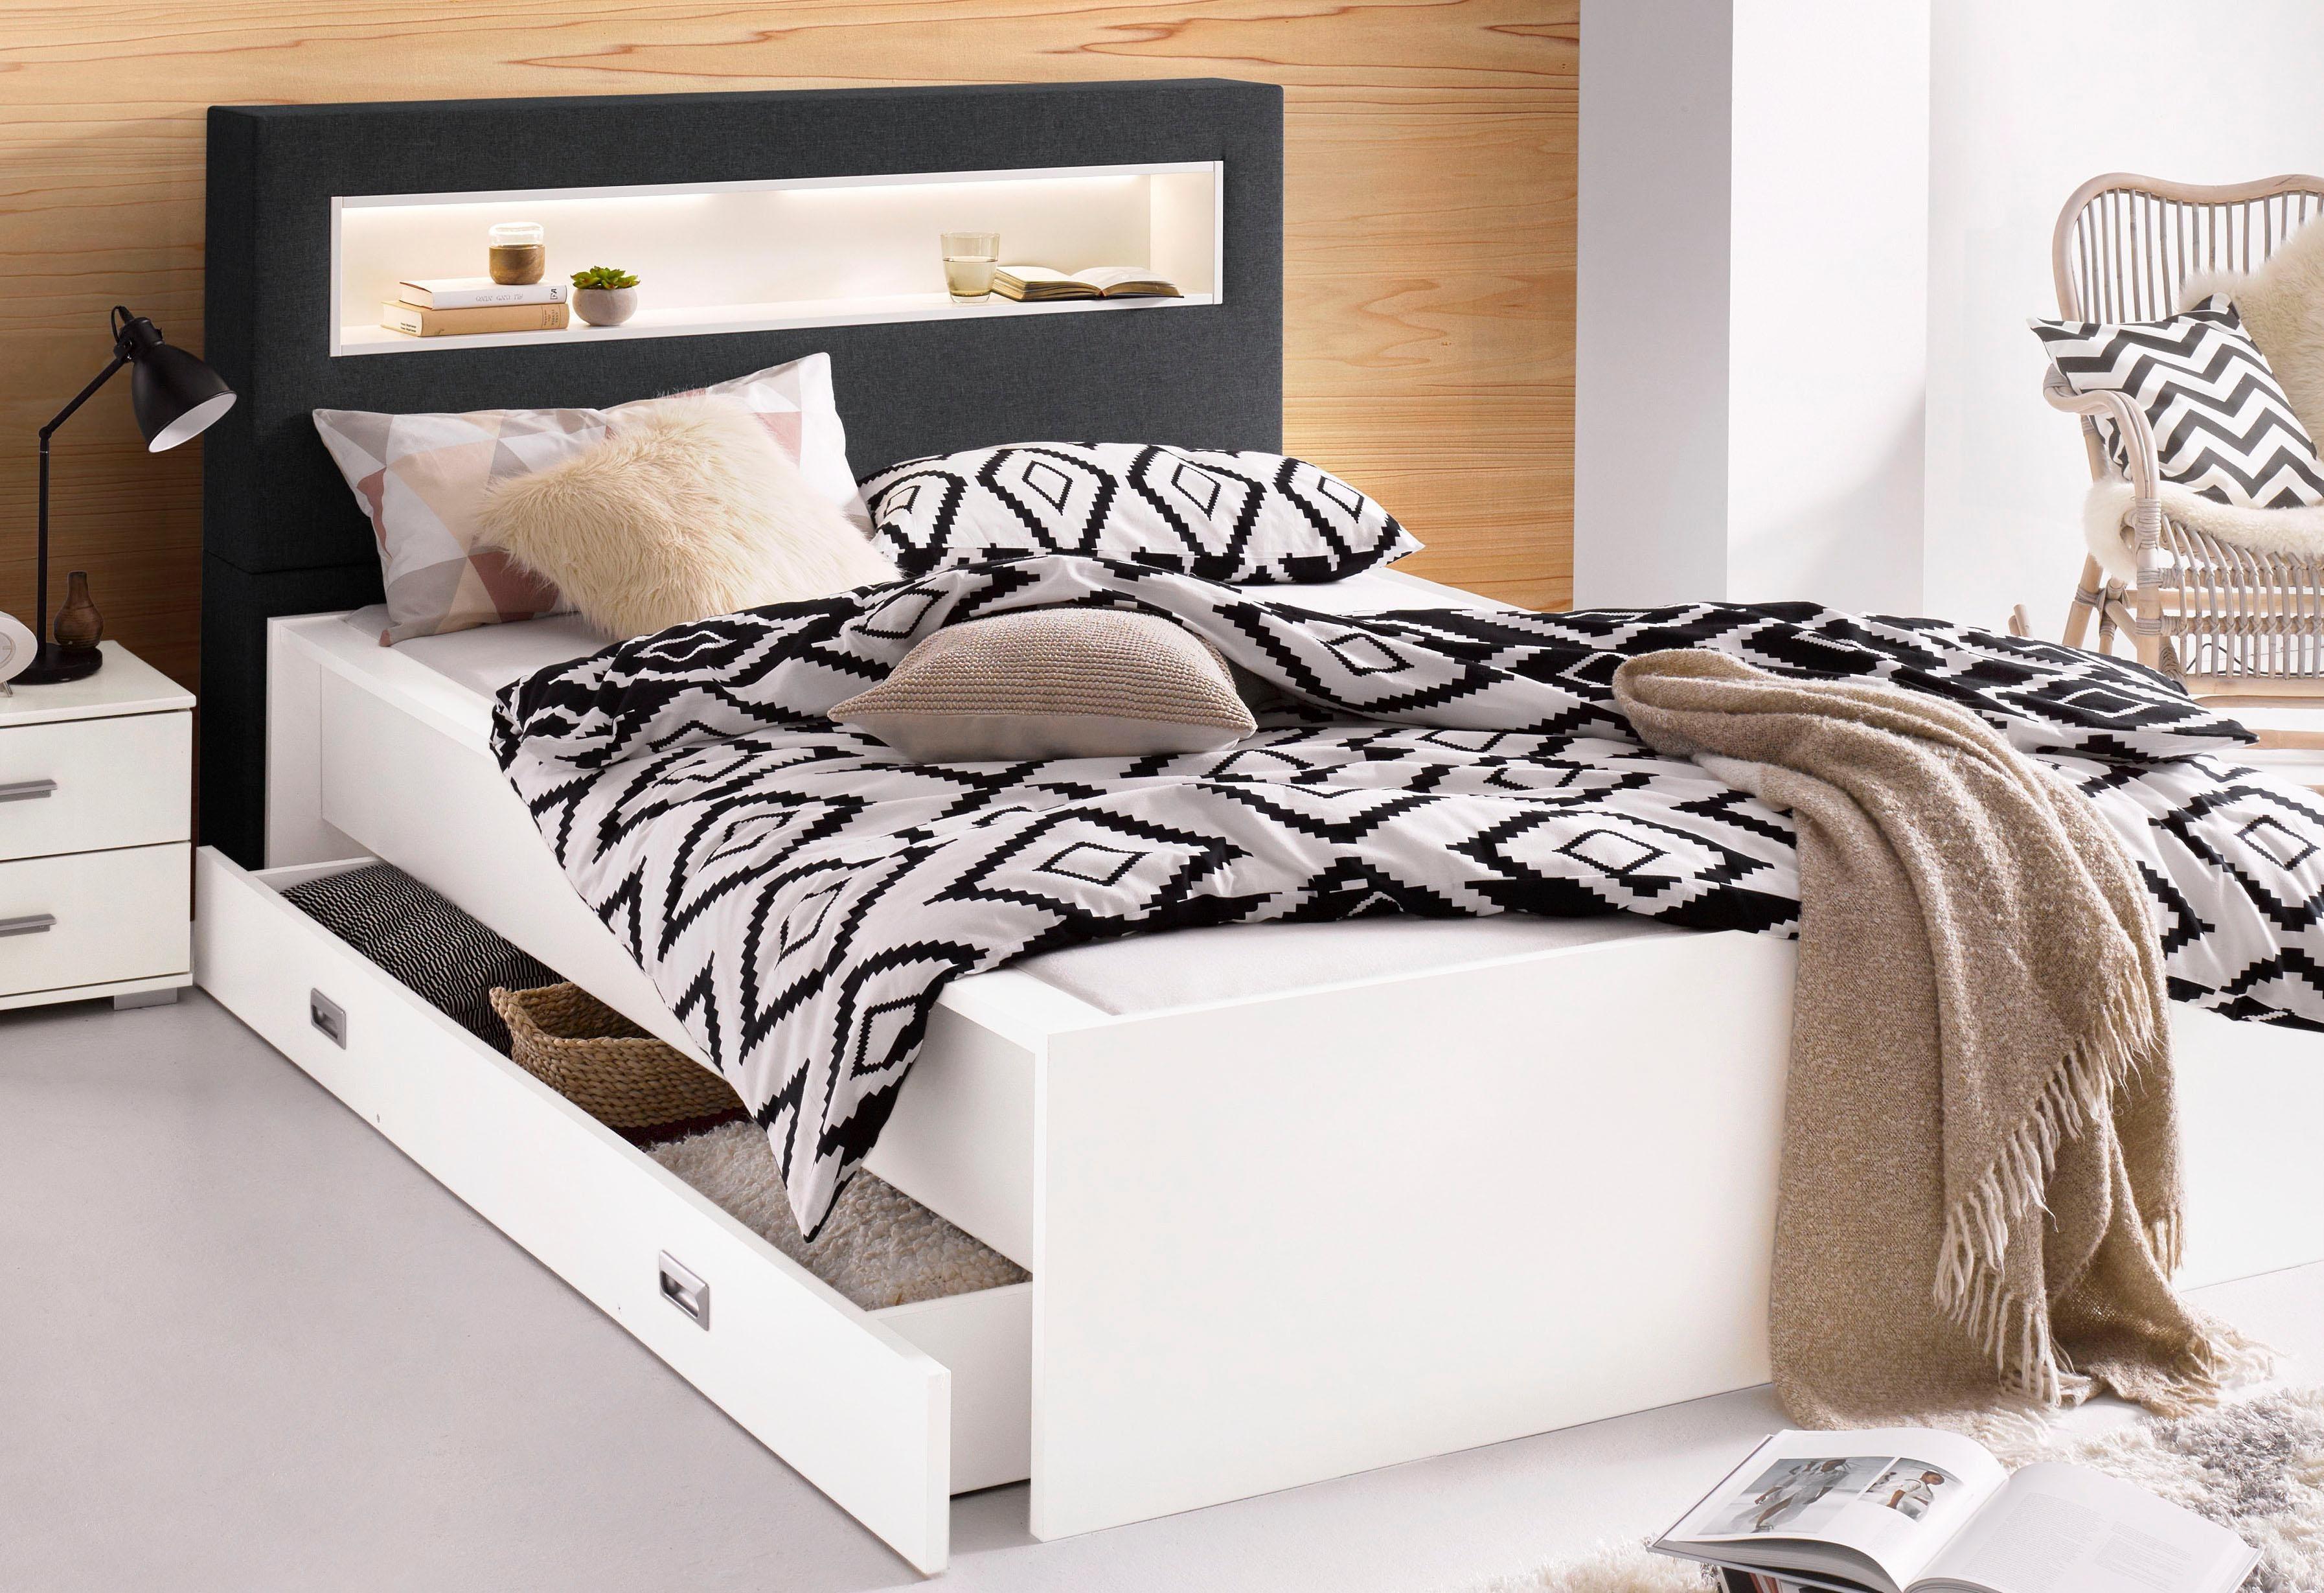 Breckle Futonbett | Schlafzimmer > Betten > Futonbetten | Federn - Strukturstoff | Breckle